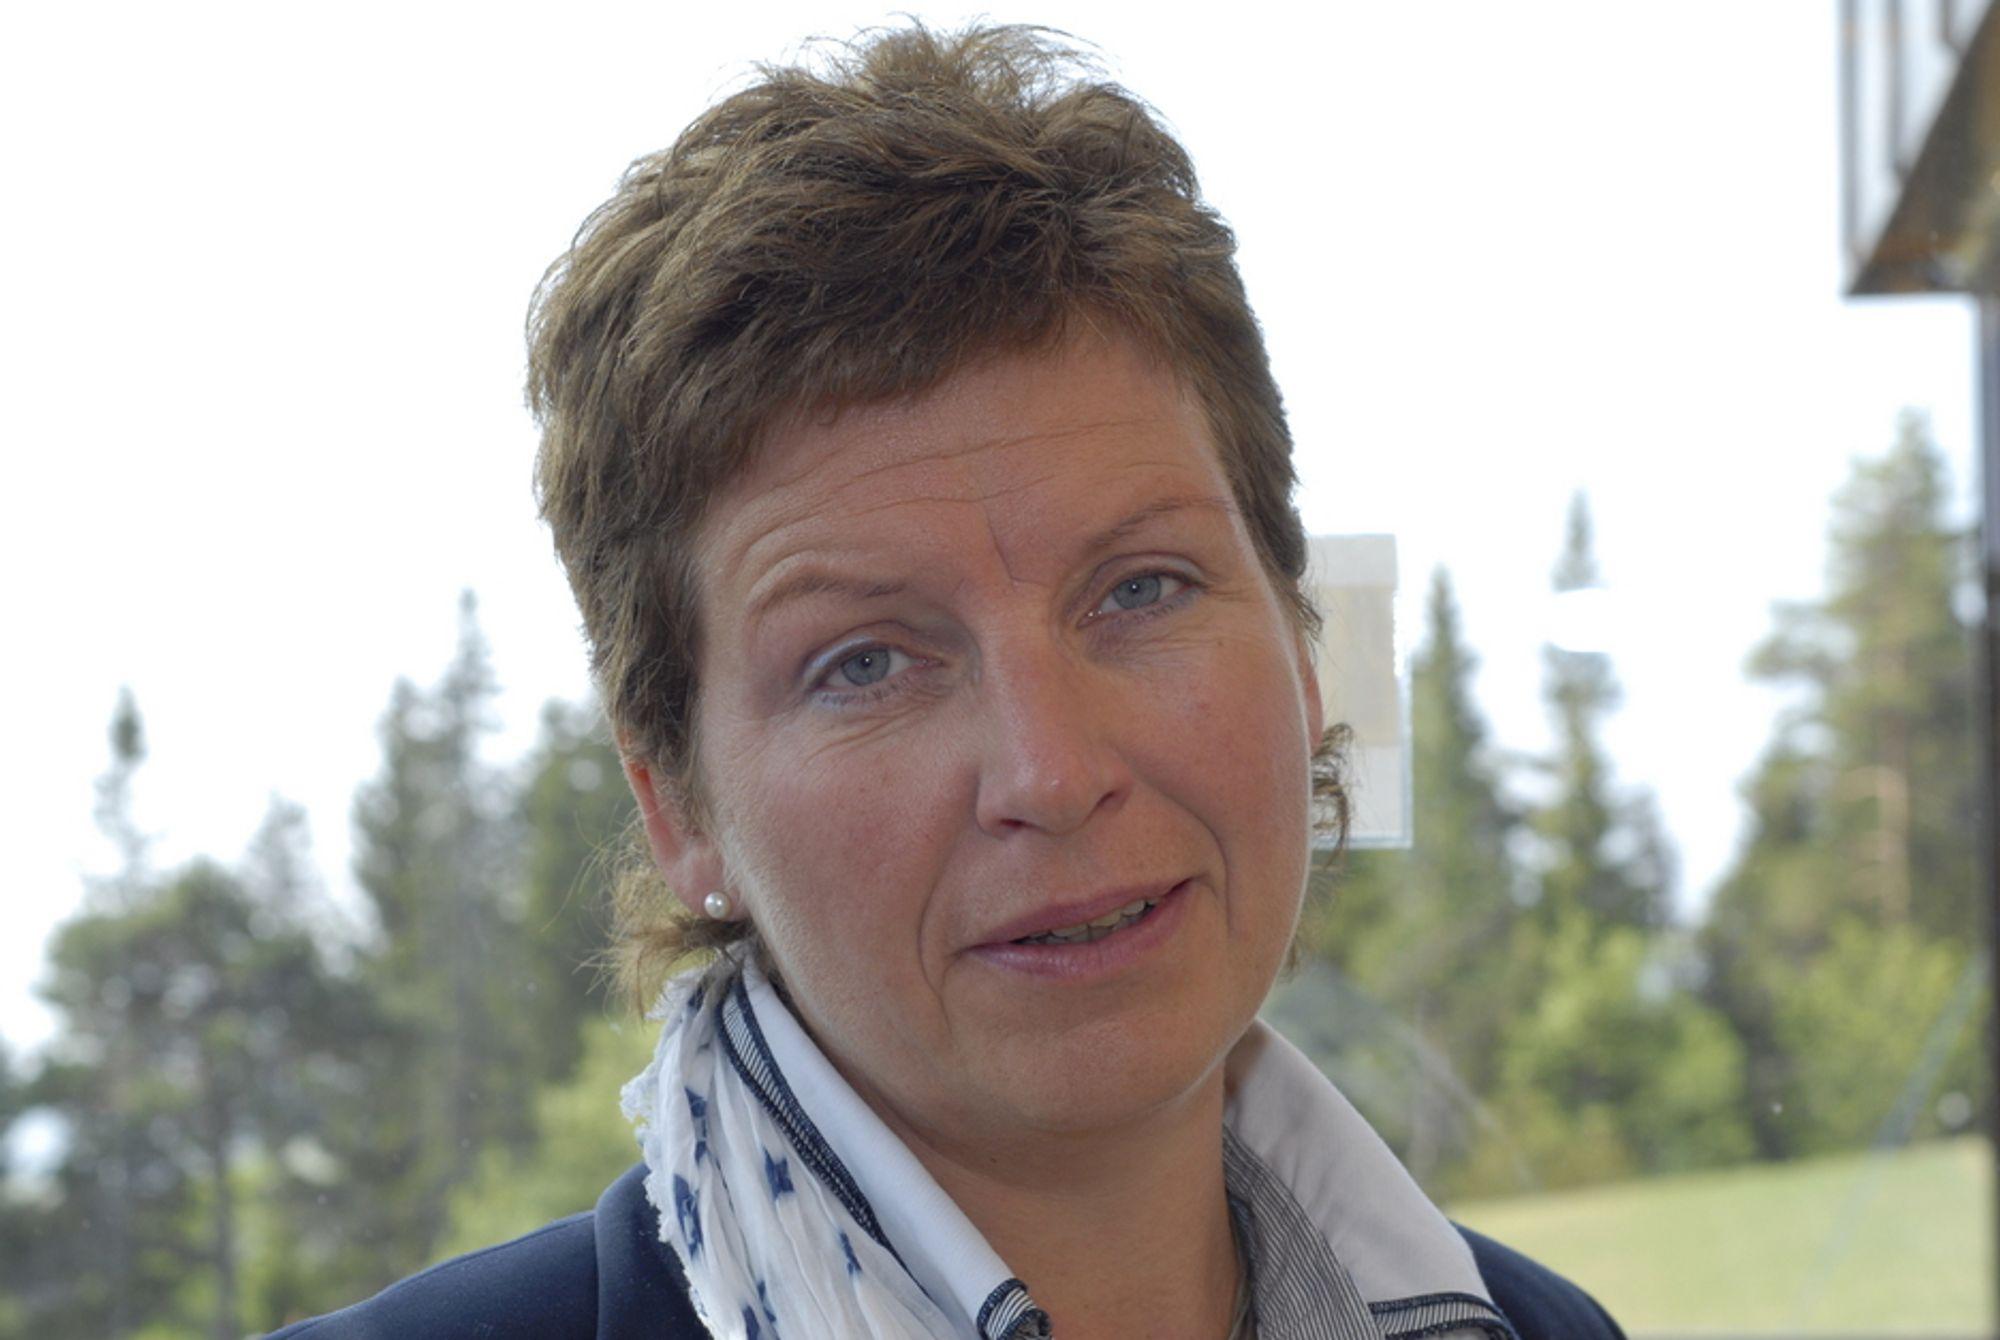 VEKSTEN AVGJØR: Veksten i energiforbruket avgjør hvor vanskelig det blir å nå fornybarmålet på 67,5 prosent, ifølge statssekretær Eli Blakstad (Sp) i Olje- og energidepartementet.